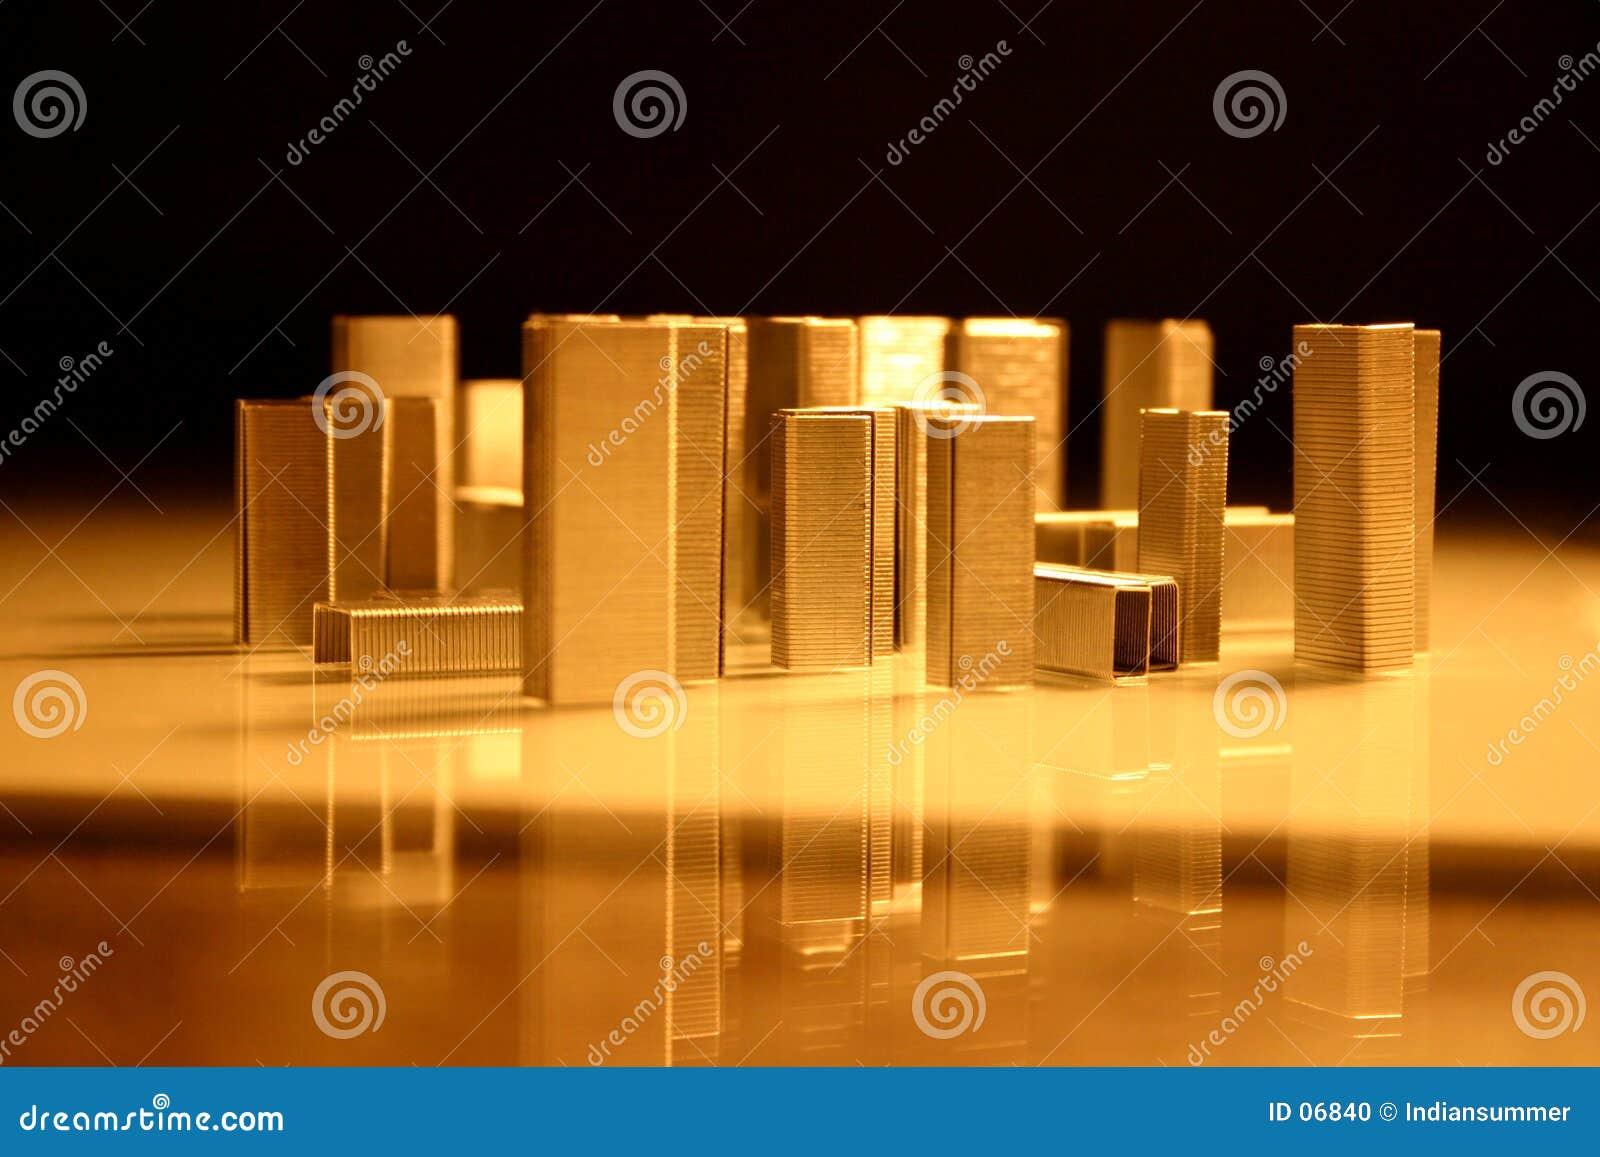 Architektur der Heftklammern, Stadt I